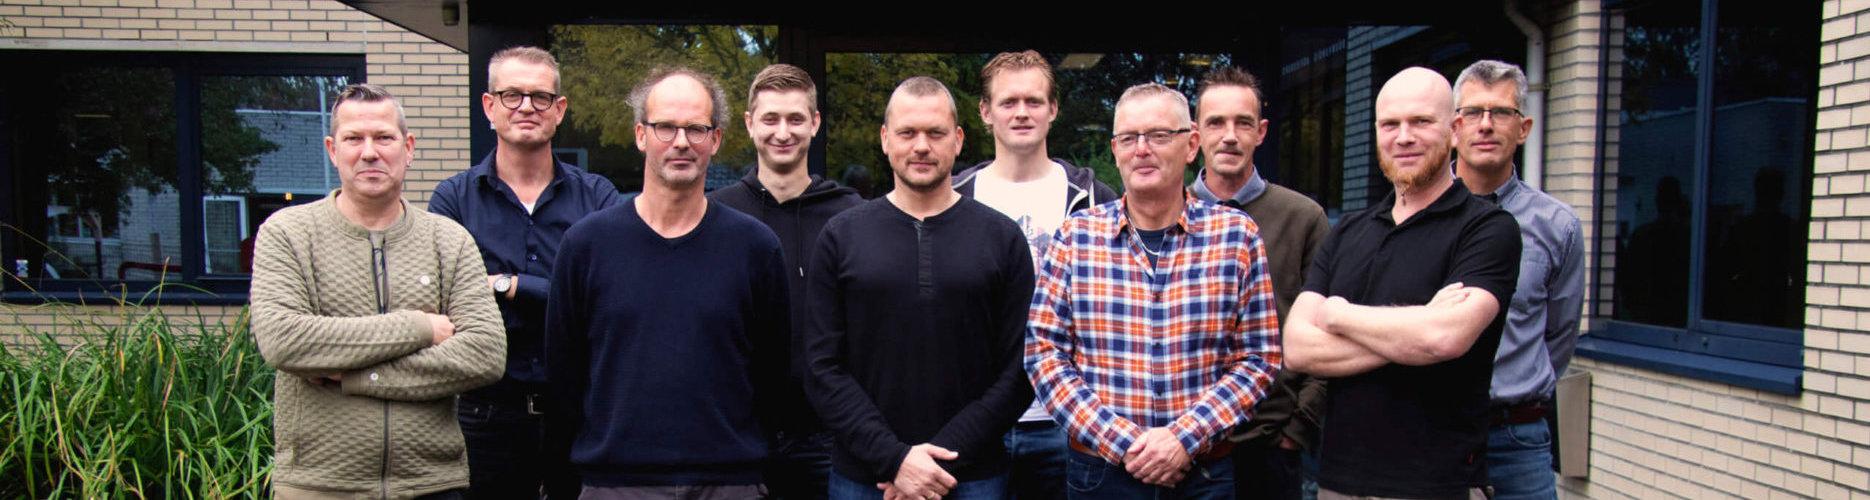 Medewerkers van SASbv voor het kantoor in Schagen